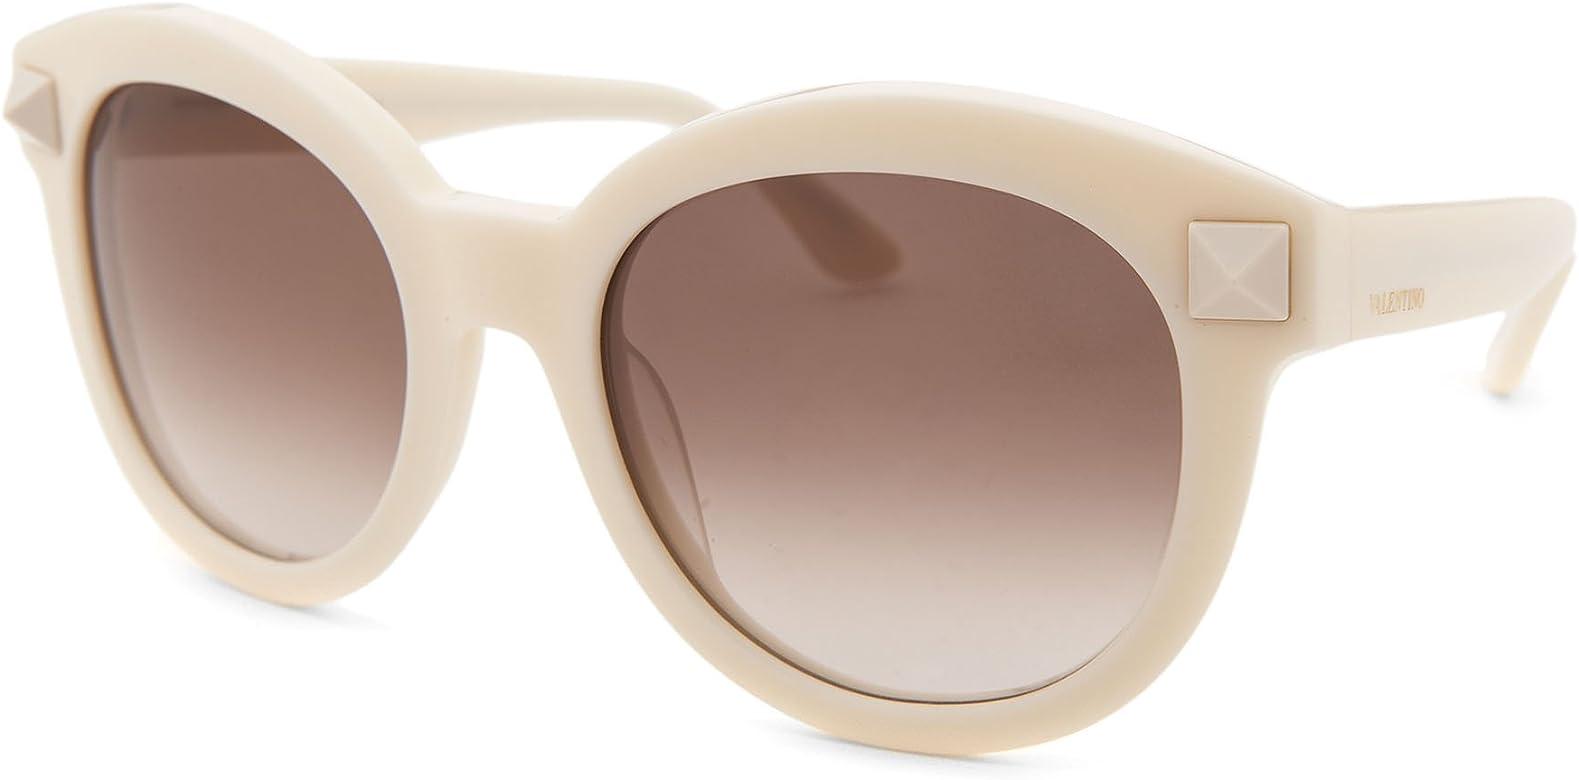 Amazon.com: anteojos de sol VALENTINO V 684 S 103 Marfil ...